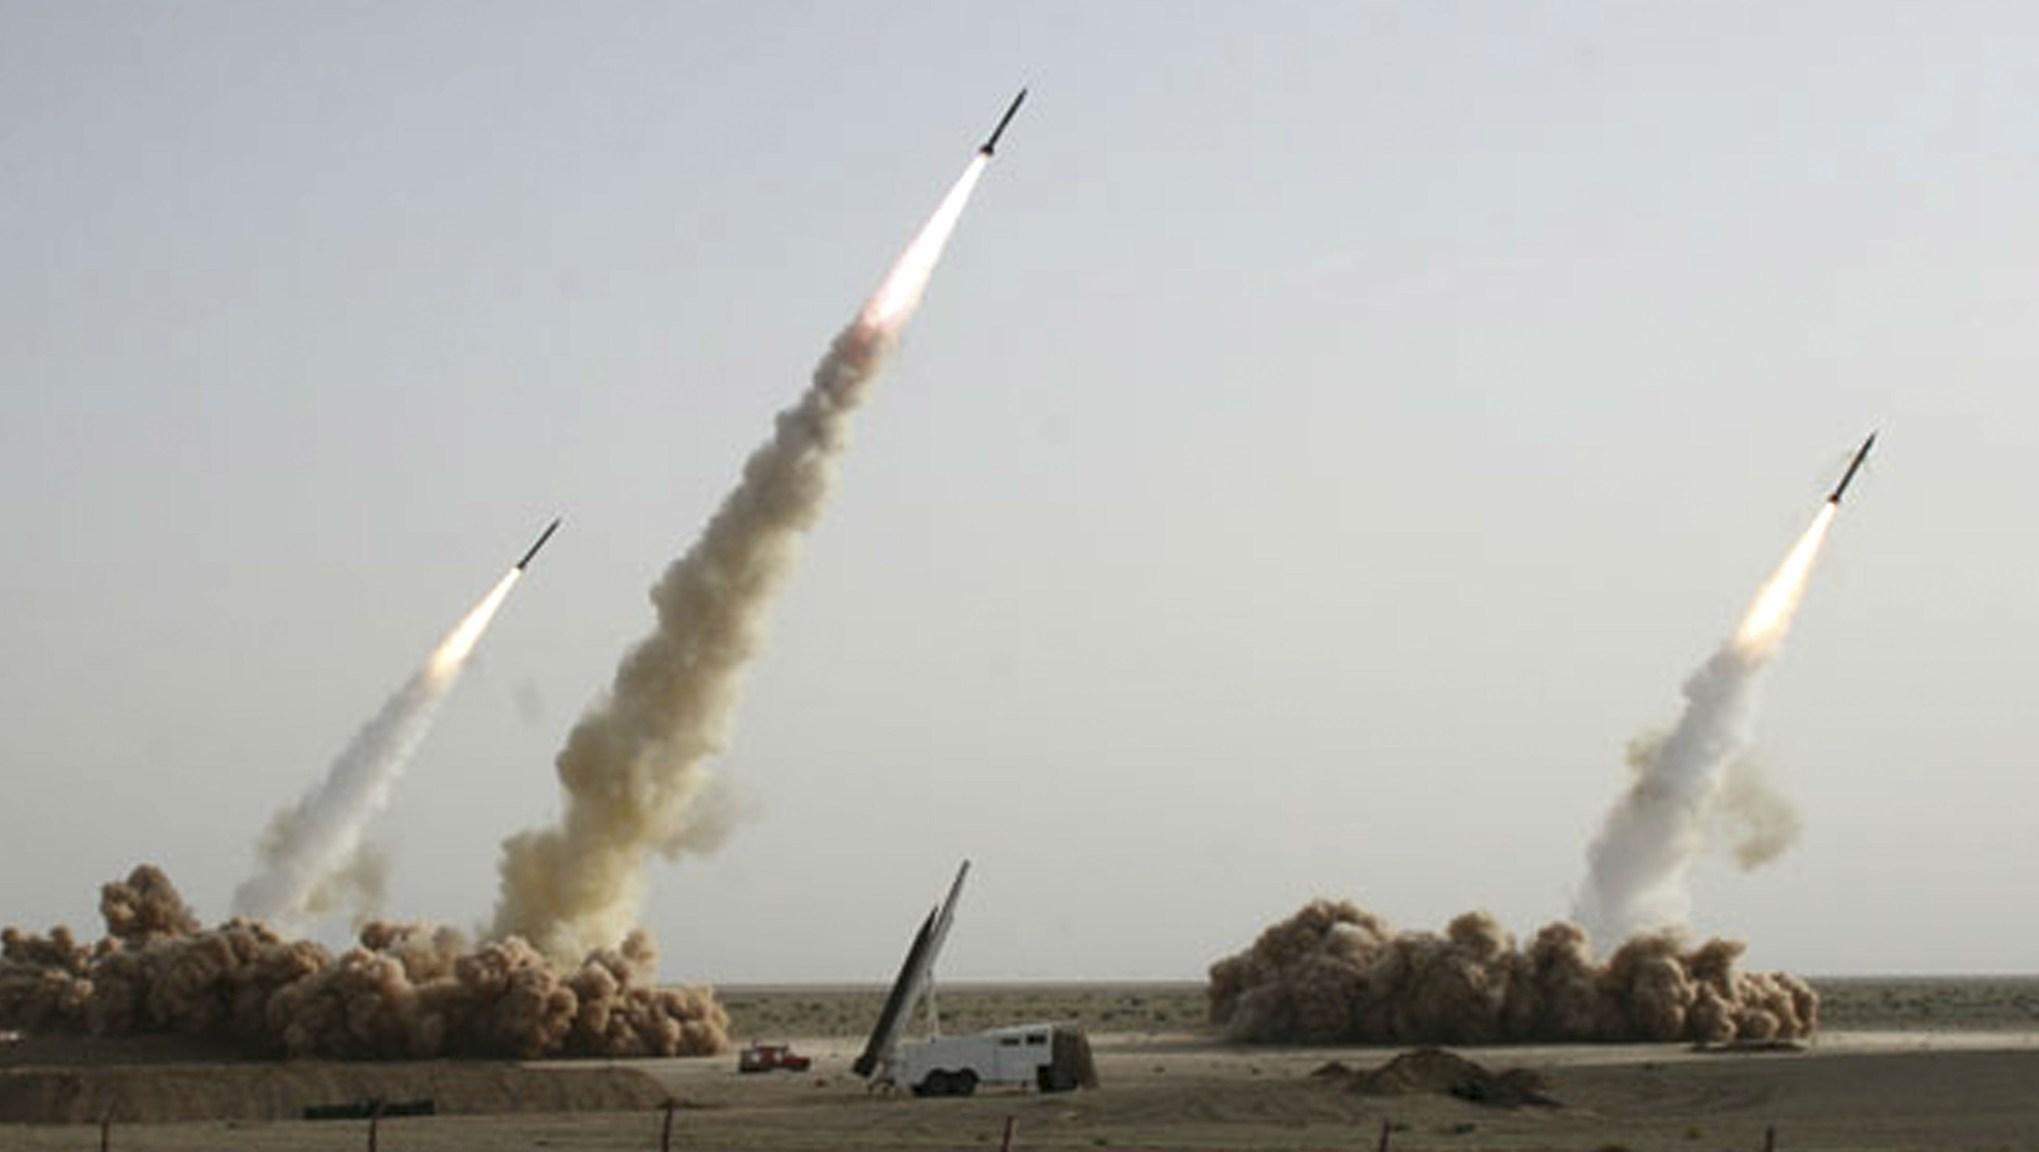 3 شهداء بغزة والمقاومة تقصف إسرائيل بأزيد من 200 صاروخ.. والإسرائيليون يختبئون بالملاجئ